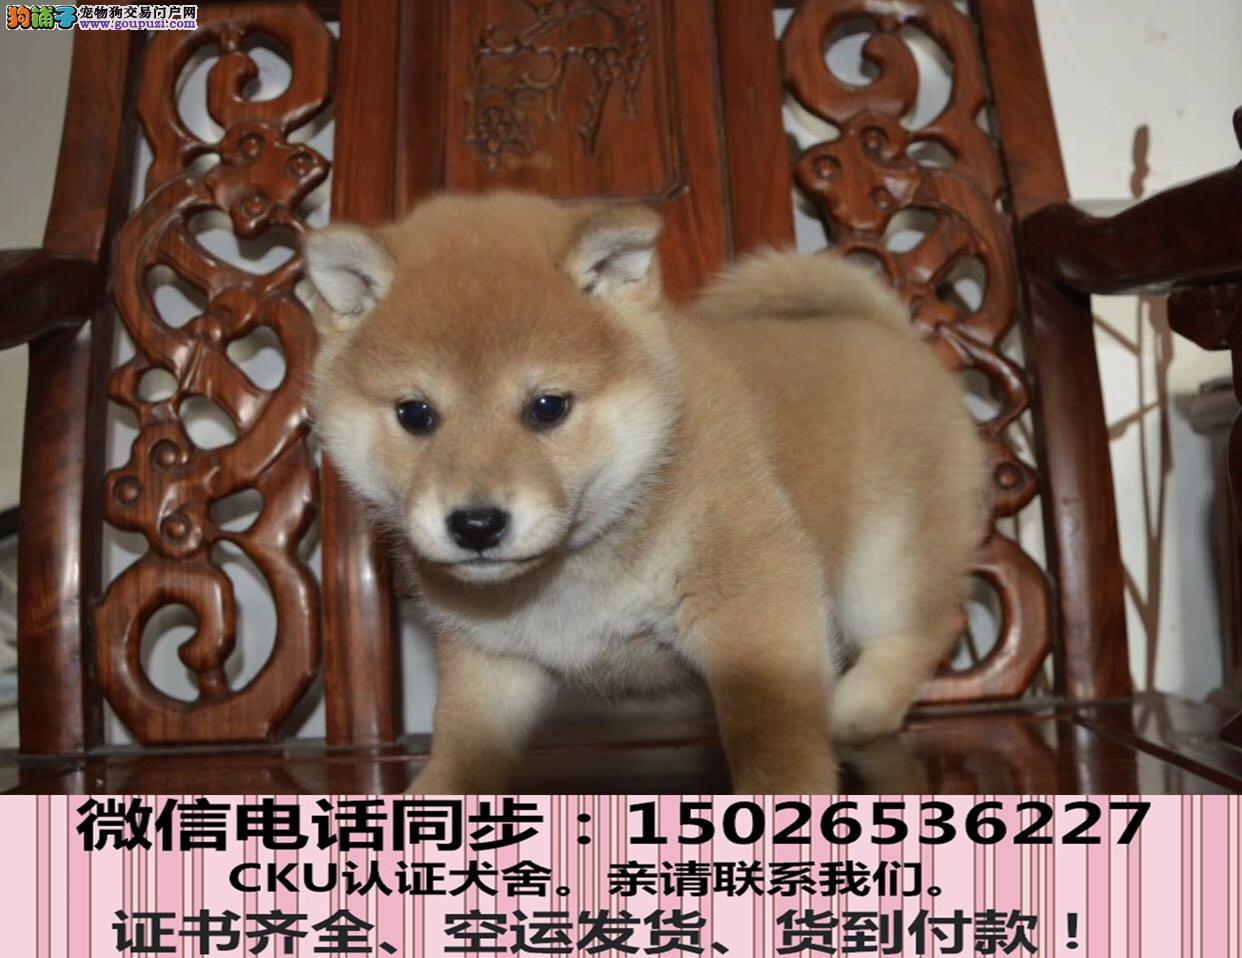 本地正规犬场出售纯种柴犬包养活签协议